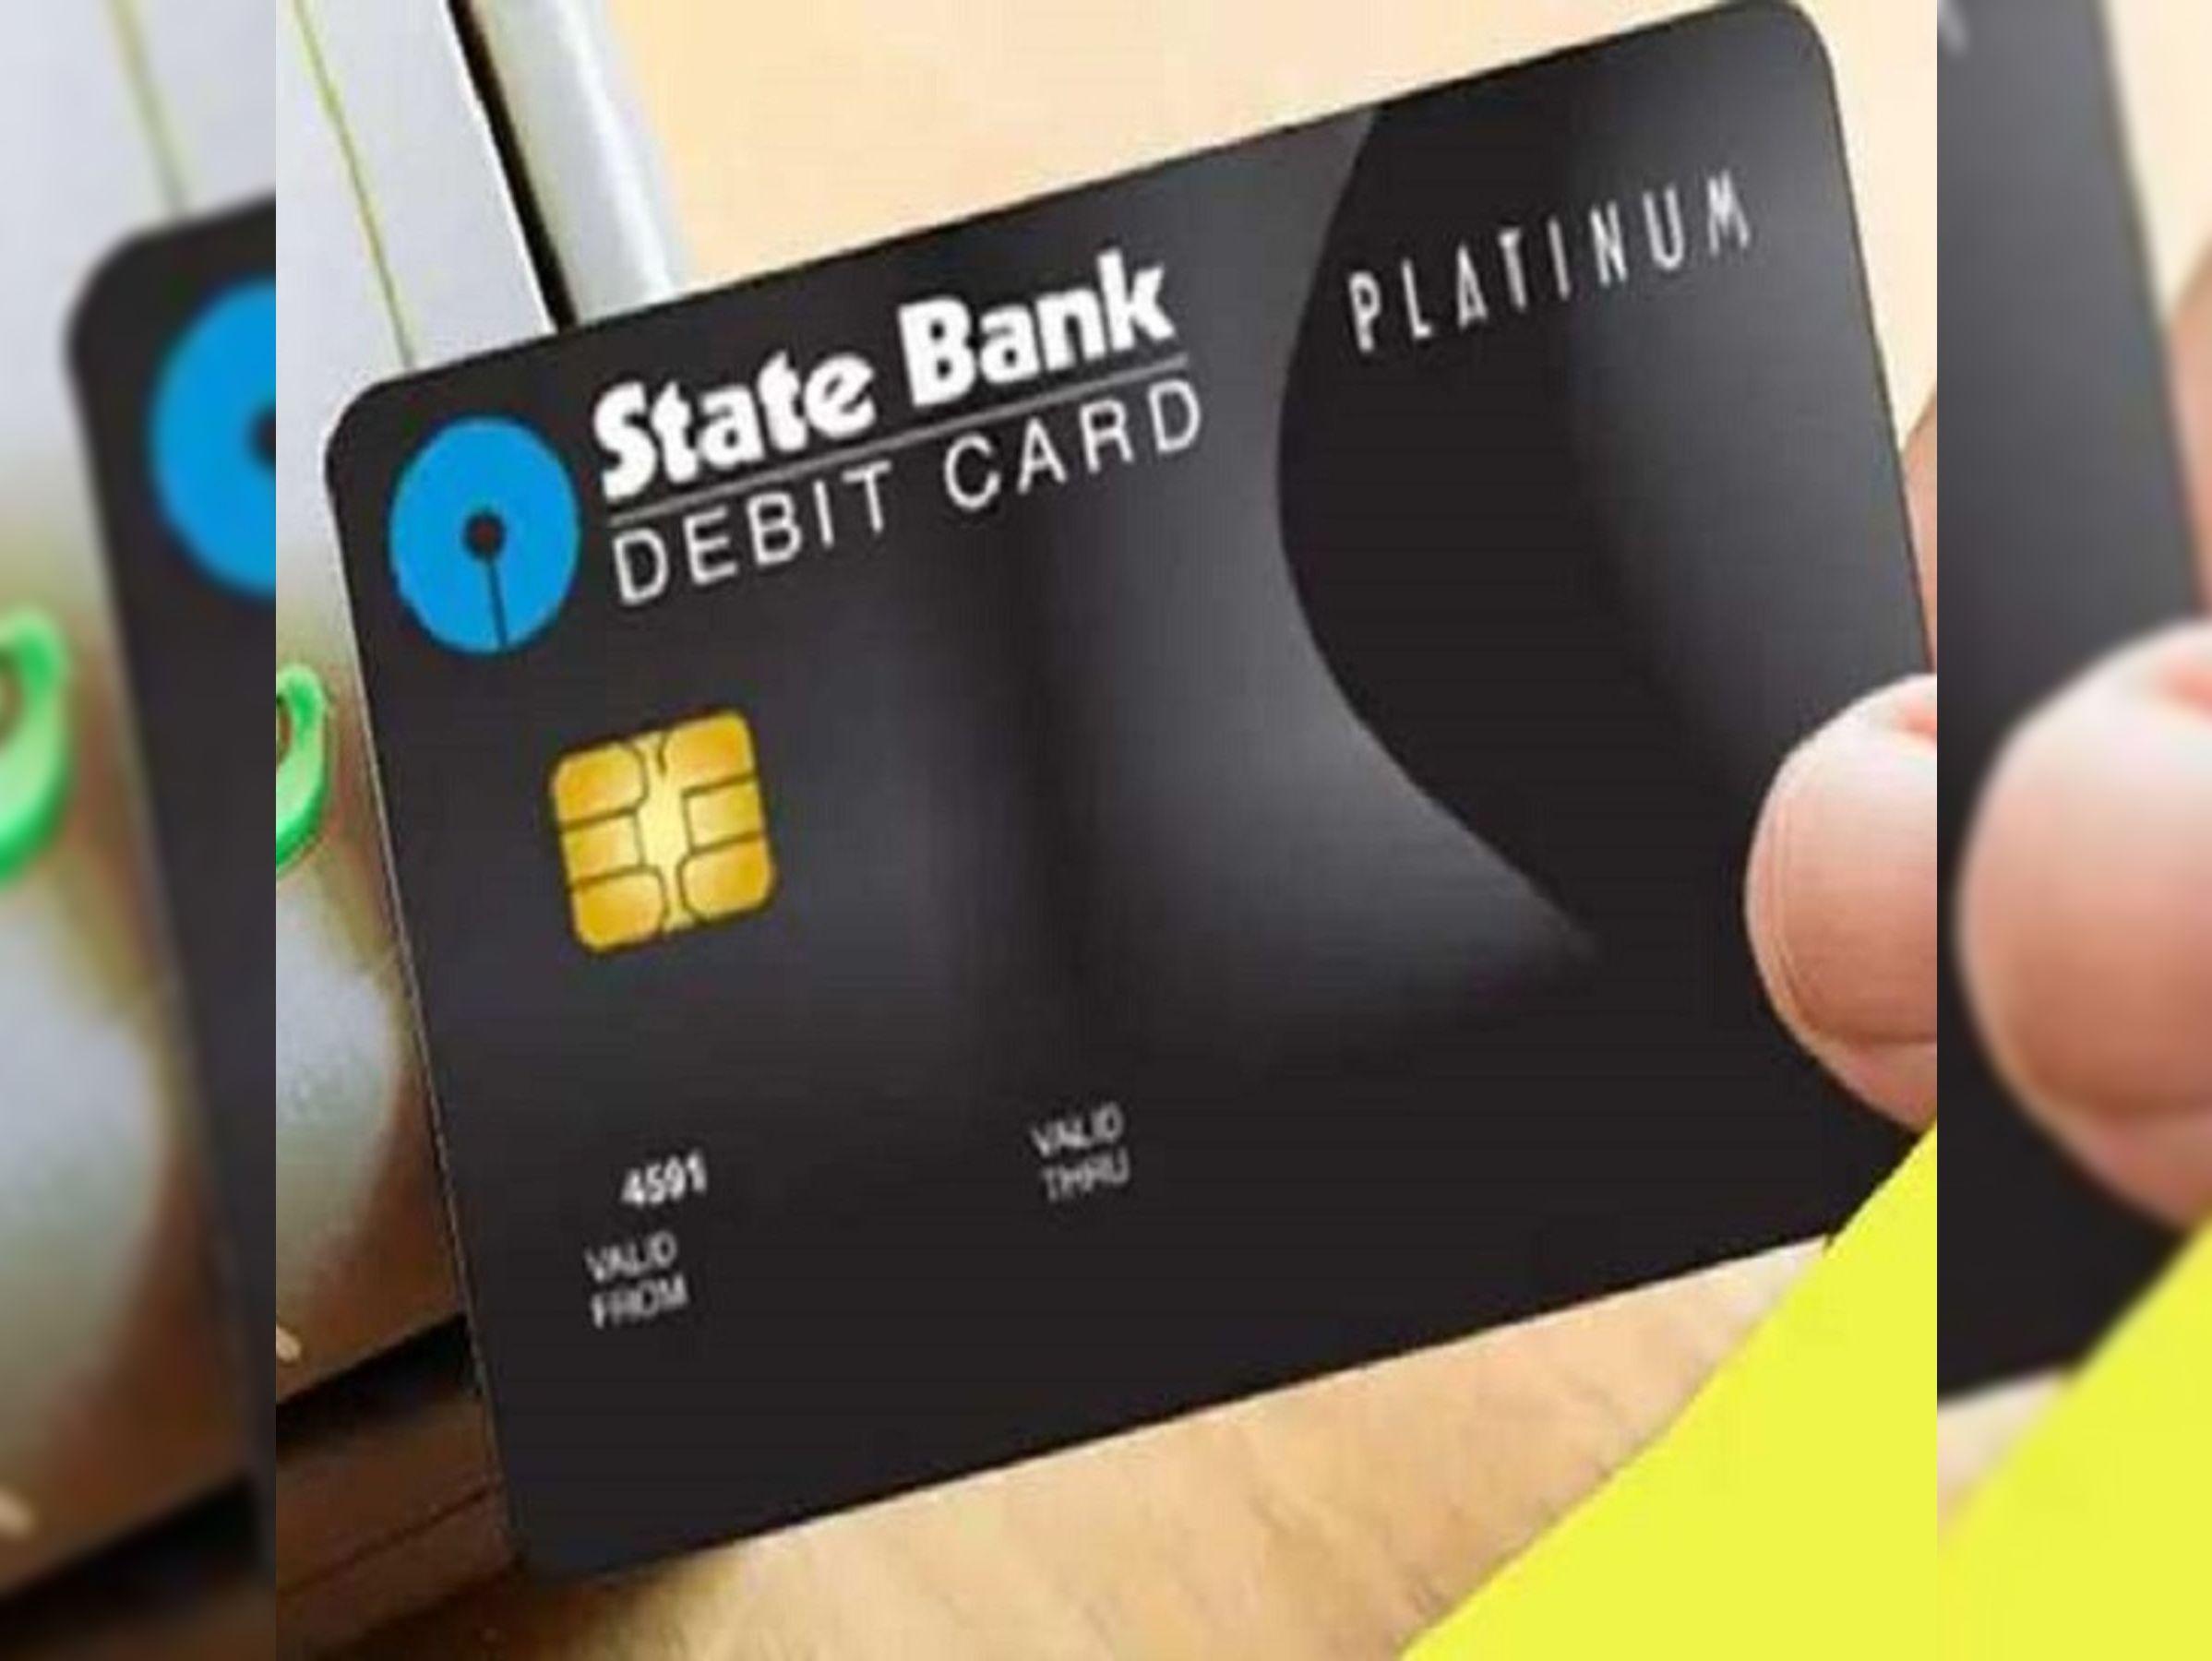 डेबिट कार्ड बंद होने का झांसा देकर साइबर ठगाें ने 1.39 लाख रुपए उड़ाए|जमशेदपुर (पूर्वी सिंहभूम),Jamshedpur (East Singhbhum) - Dainik Bhaskar